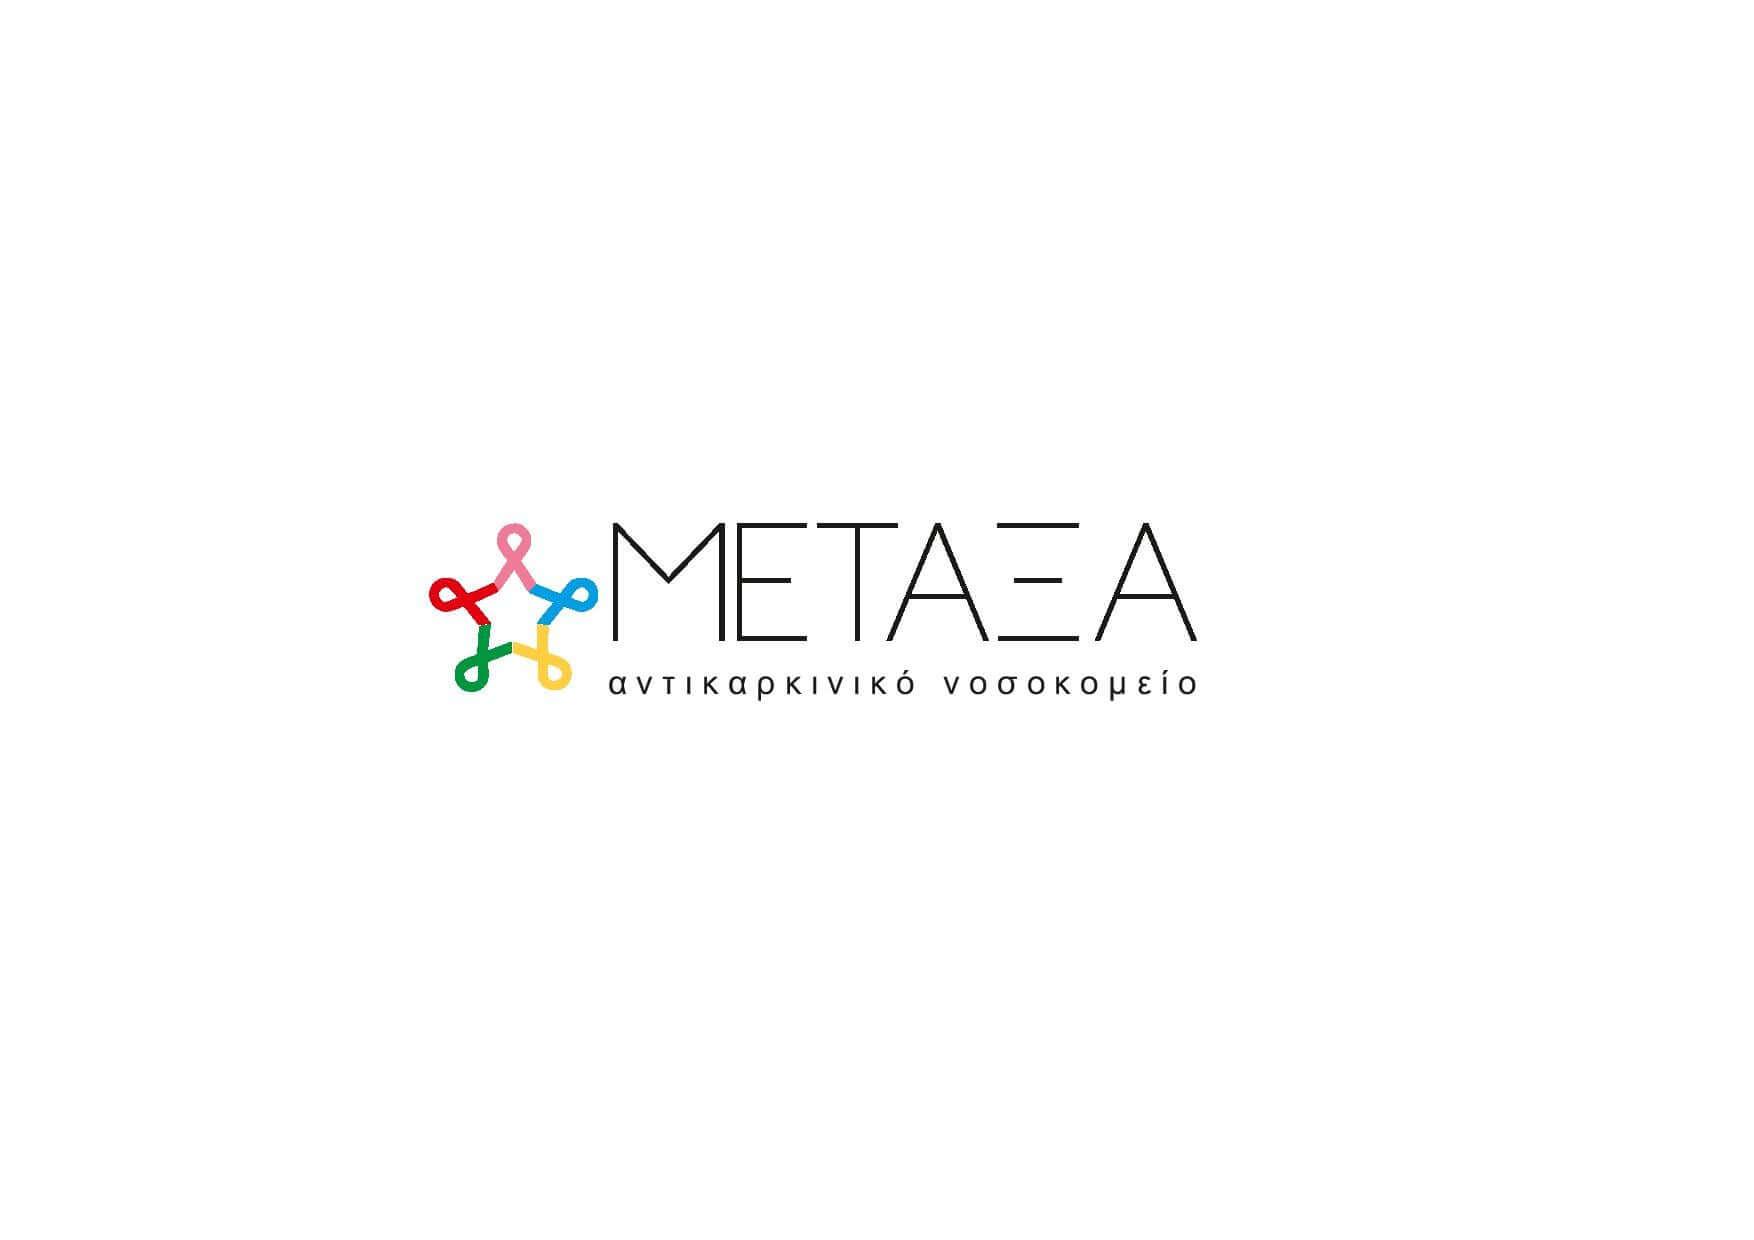 Σε τροχιά ανανέωσης το Νοσοκομείο «ΜΕΤΑΞΑ», άλλαξε το λογότυπό του